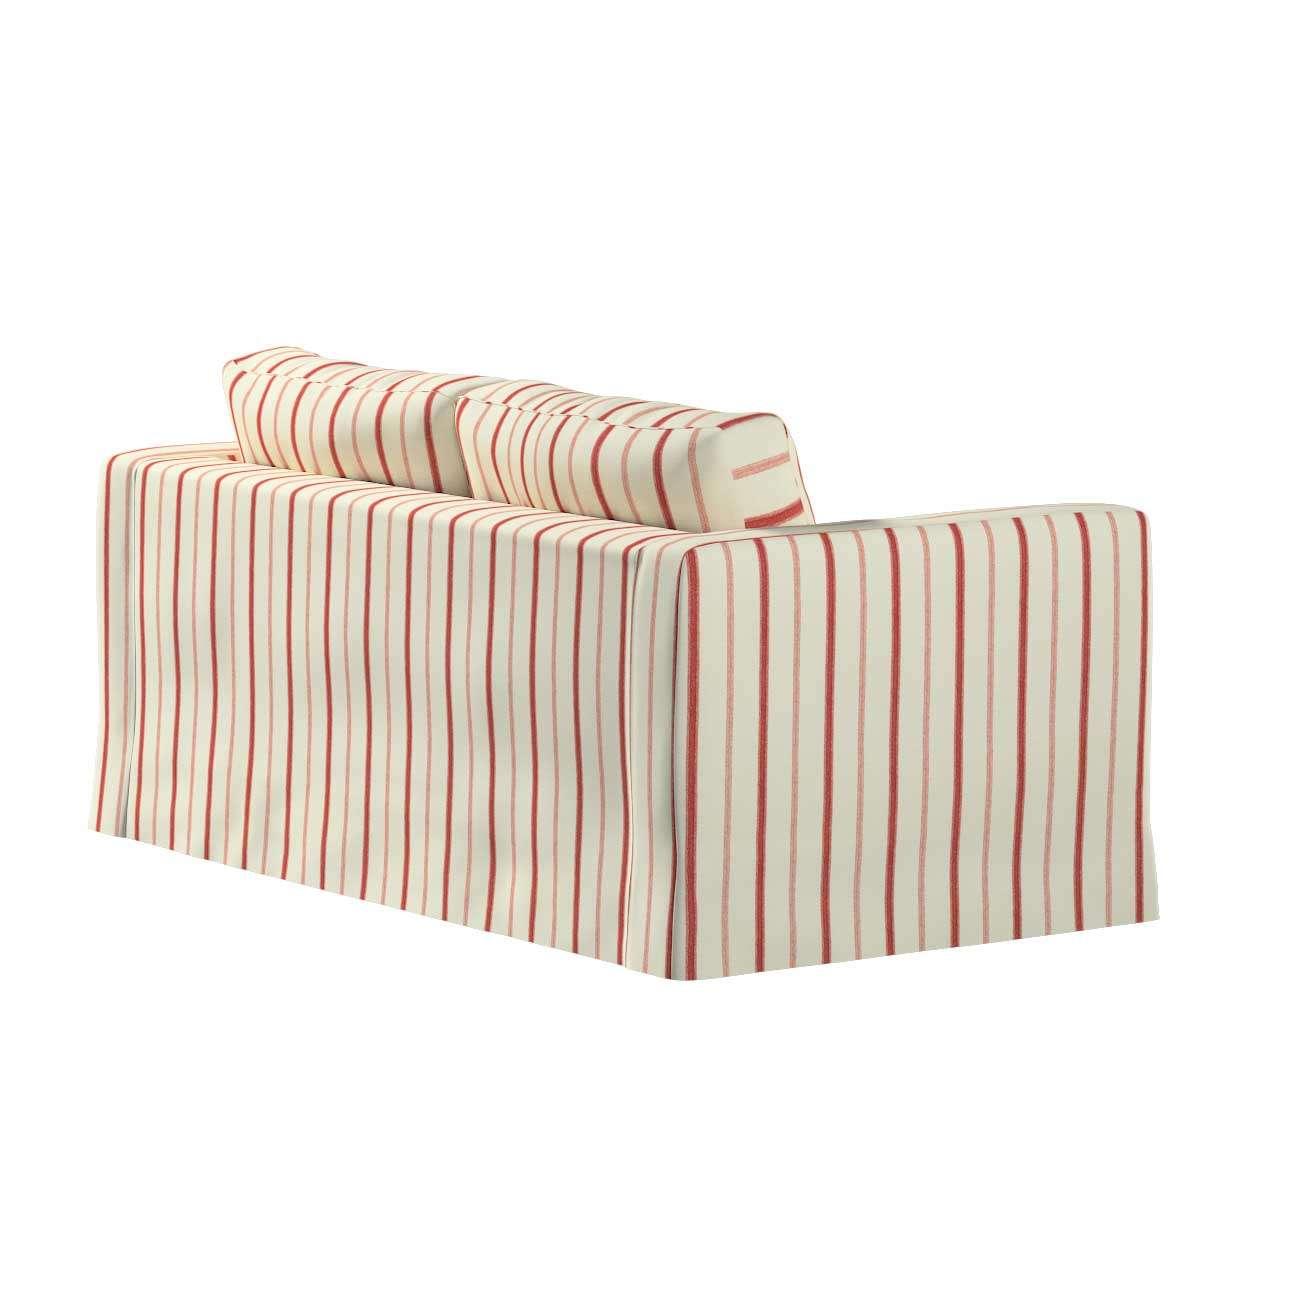 Karlstad 2-Sitzer Sofabezug nicht ausklappbar lang von der Kollektion Avinon, Stoff: 129-15